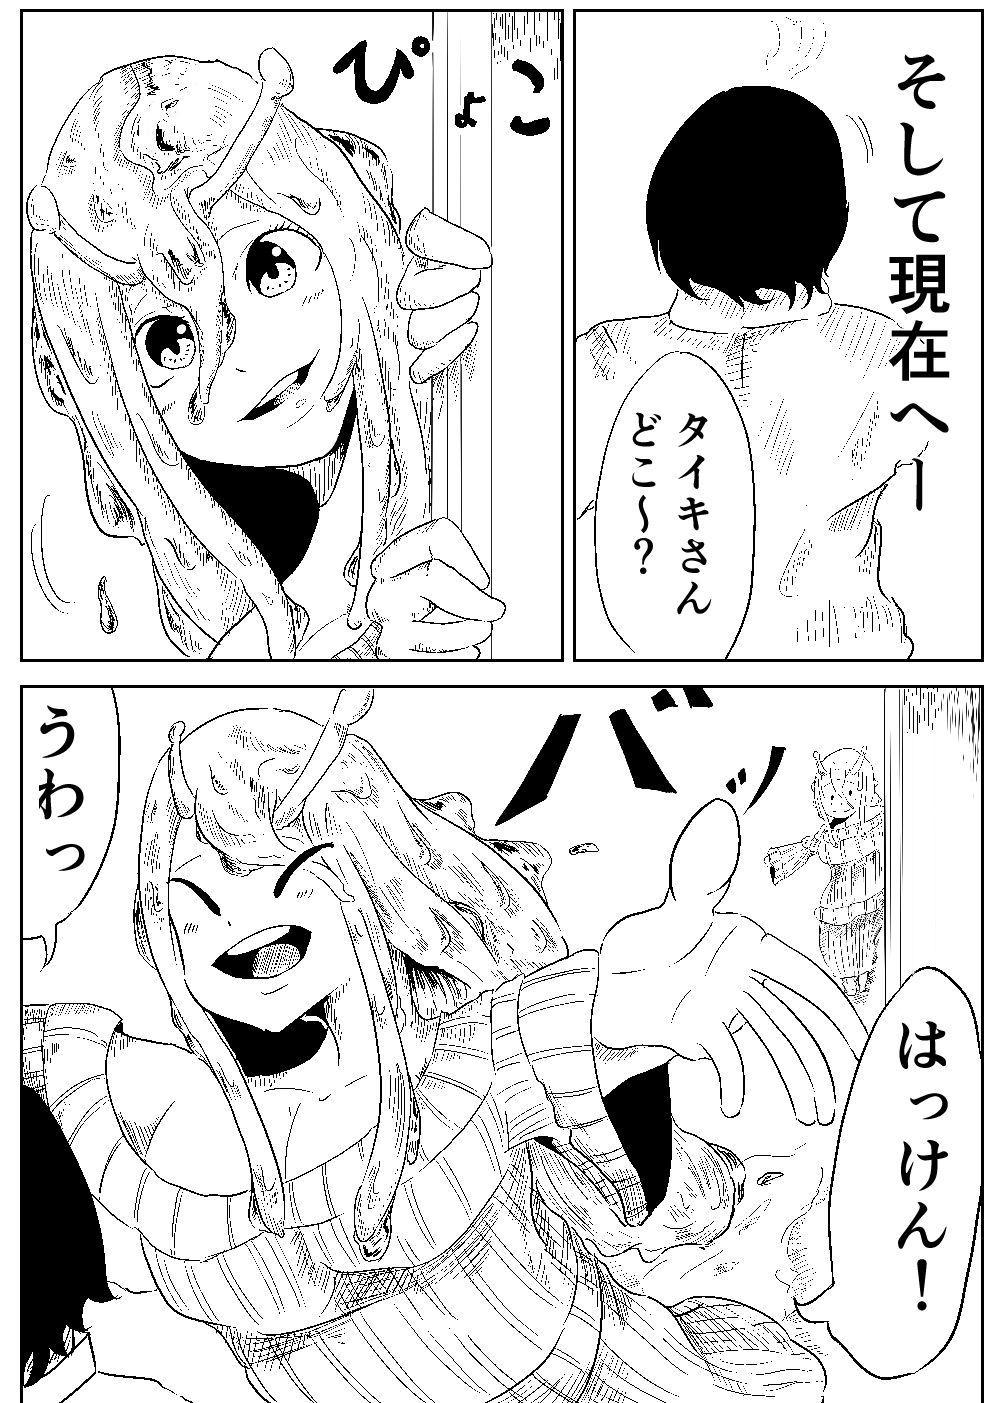 Namekuji no Ongaeshi 3